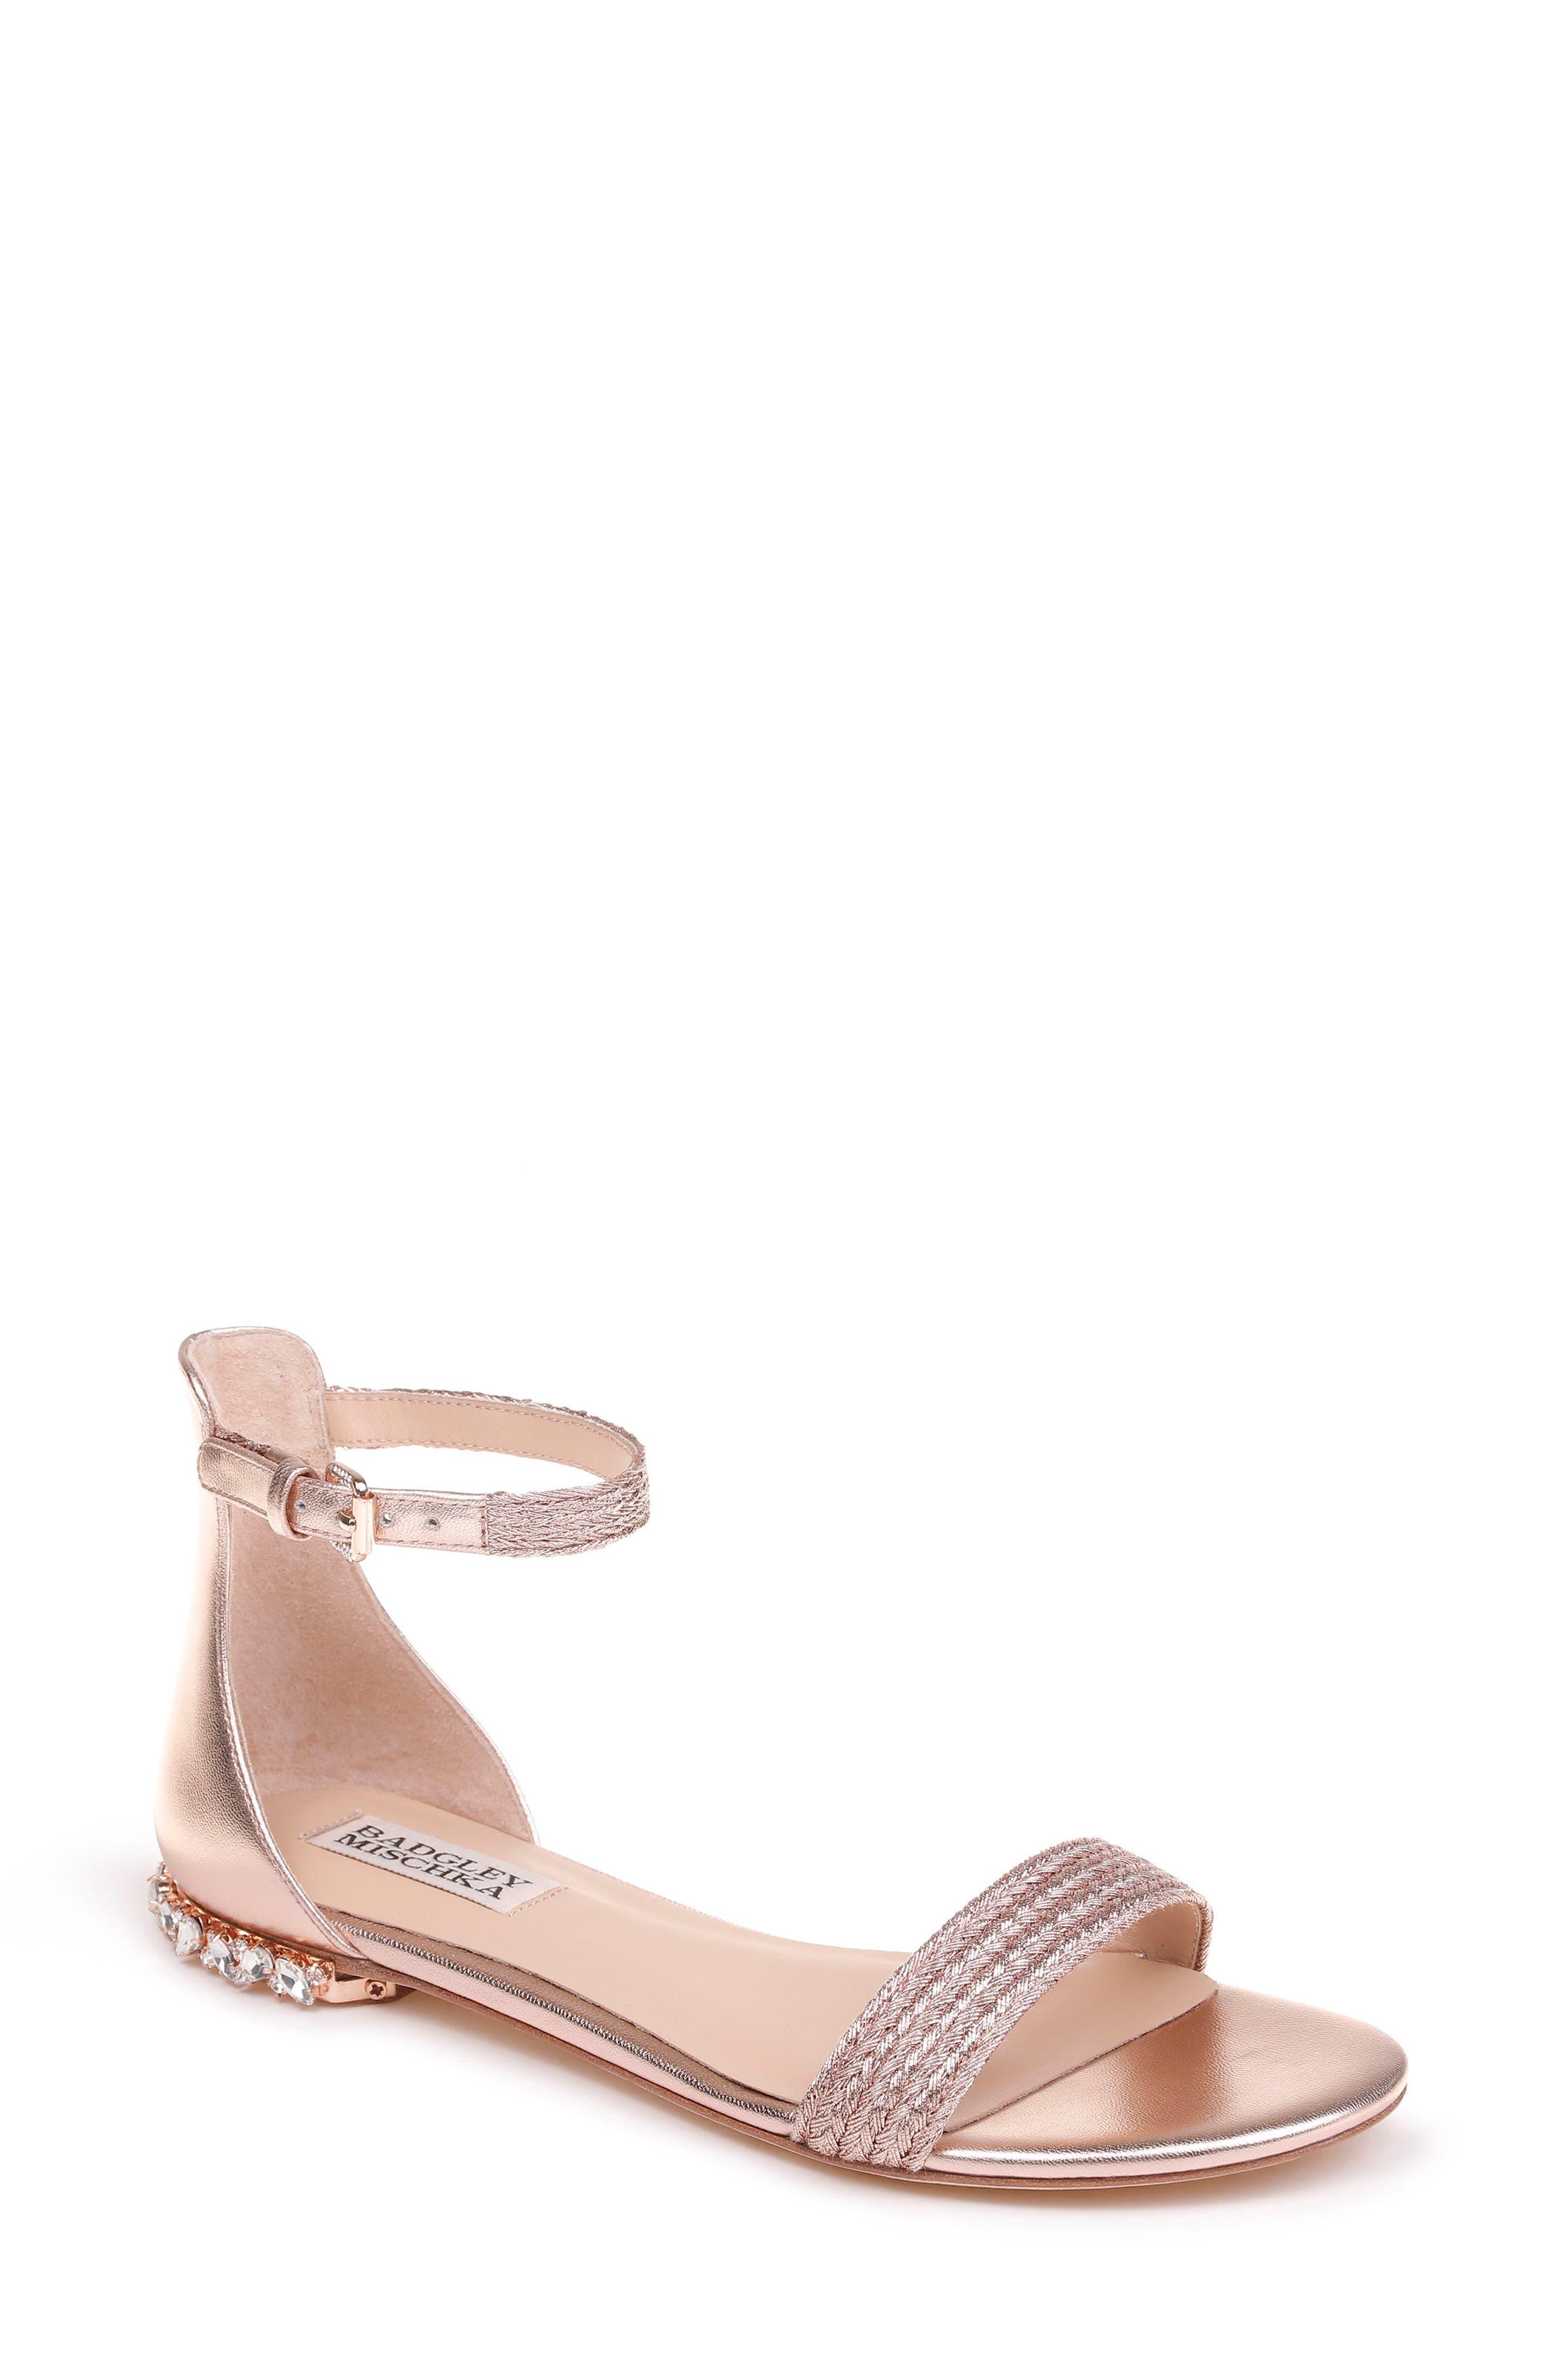 Badgley Mischka Steffie Ankle Strap Sandal- Metallic